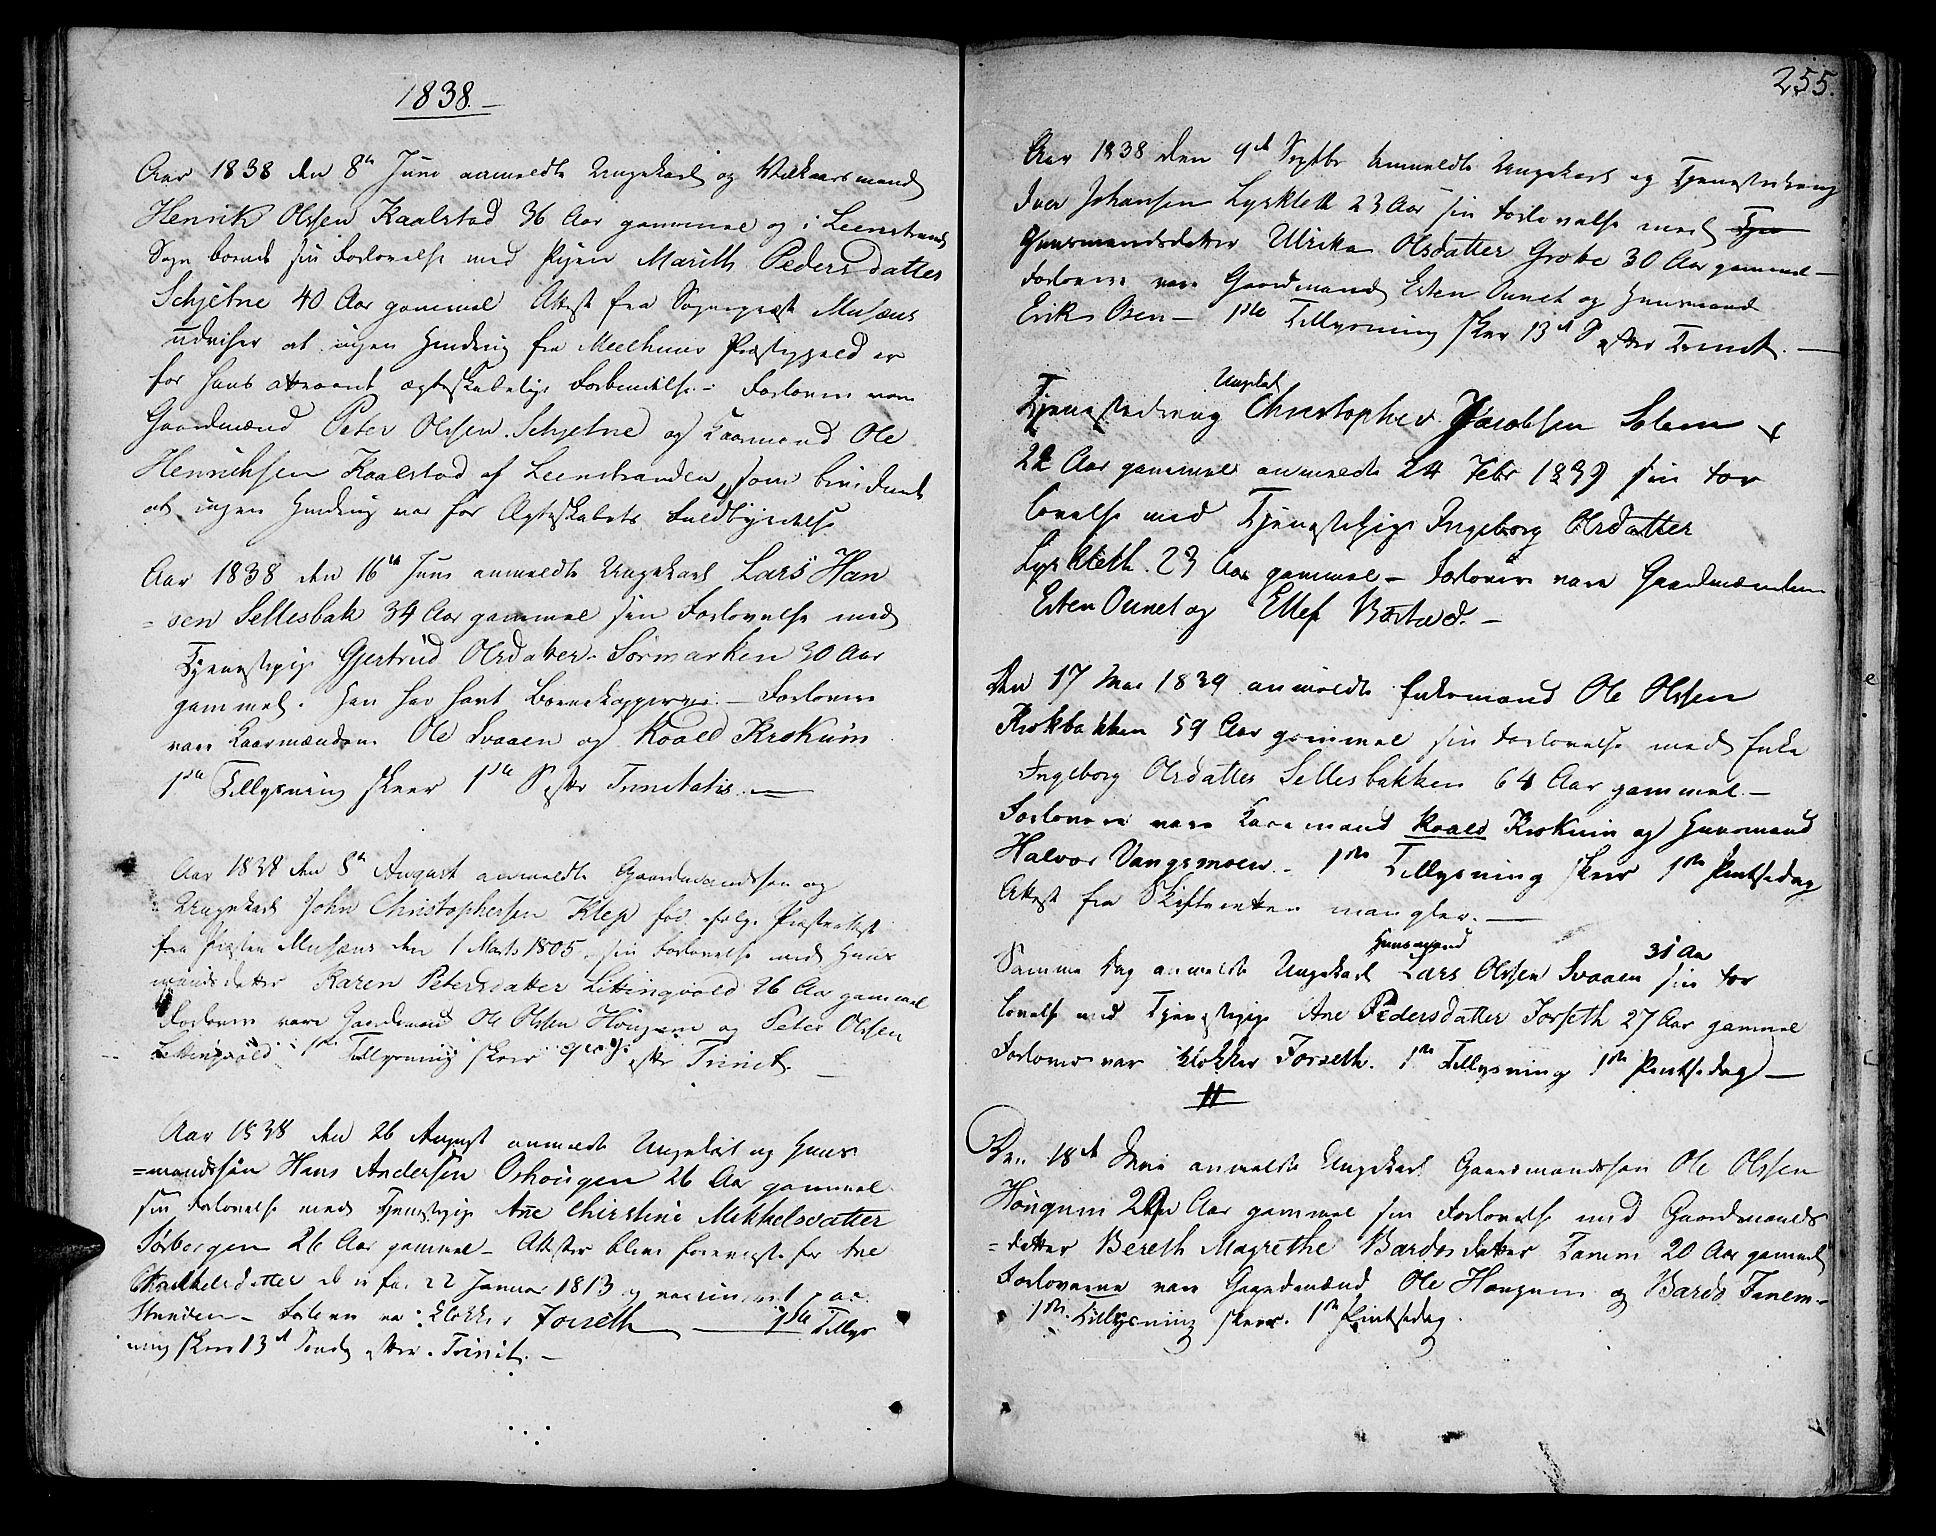 SAT, Ministerialprotokoller, klokkerbøker og fødselsregistre - Sør-Trøndelag, 618/L0438: Ministerialbok nr. 618A03, 1783-1815, s. 255